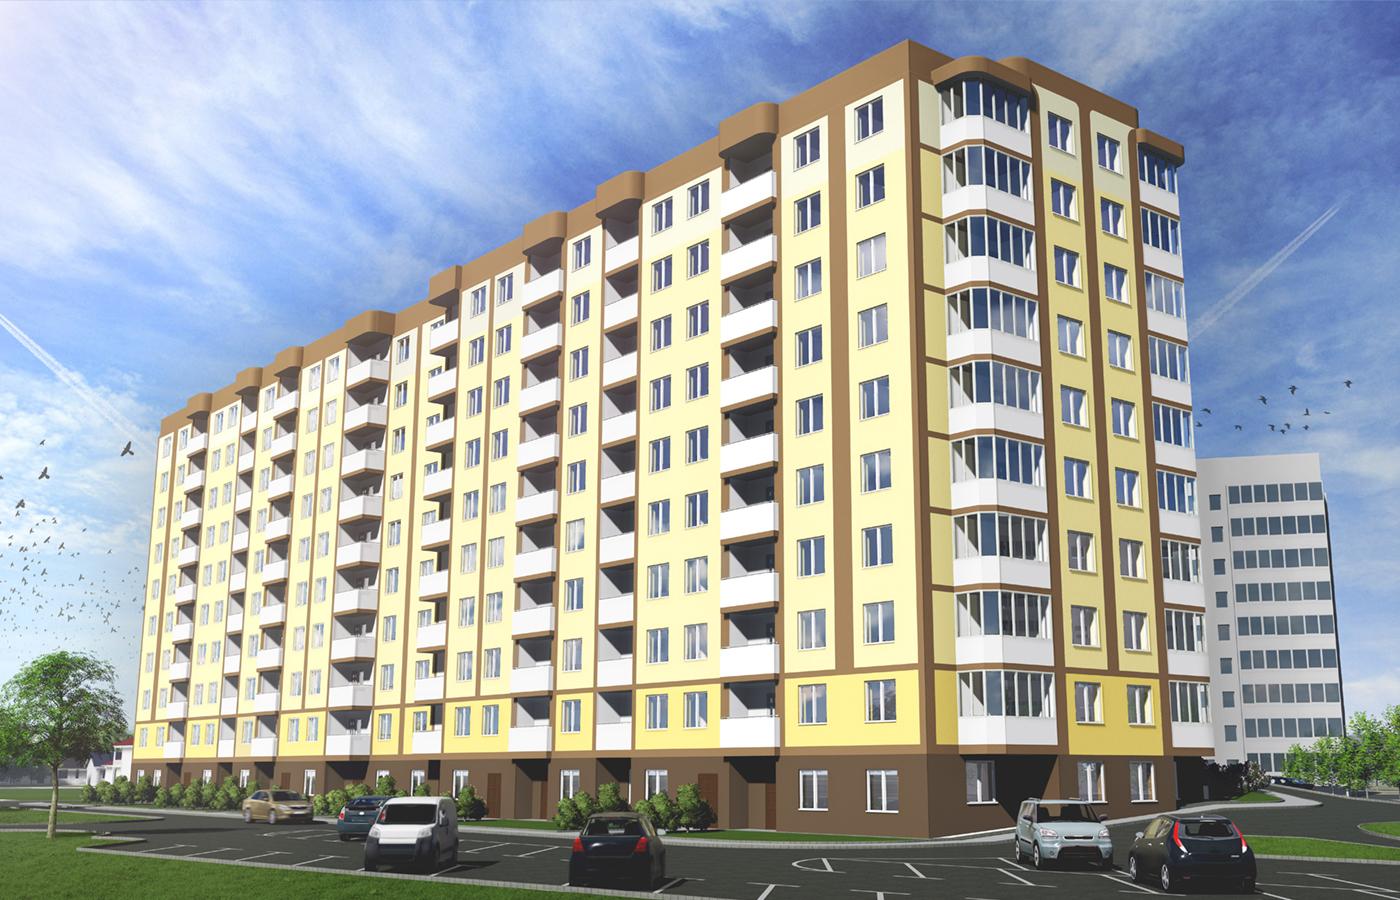 """Візуалазація житлового комплексу """"Банківський"""" з офісними приміщеннями, в м. Бориспіль вул. Банківська, 32"""